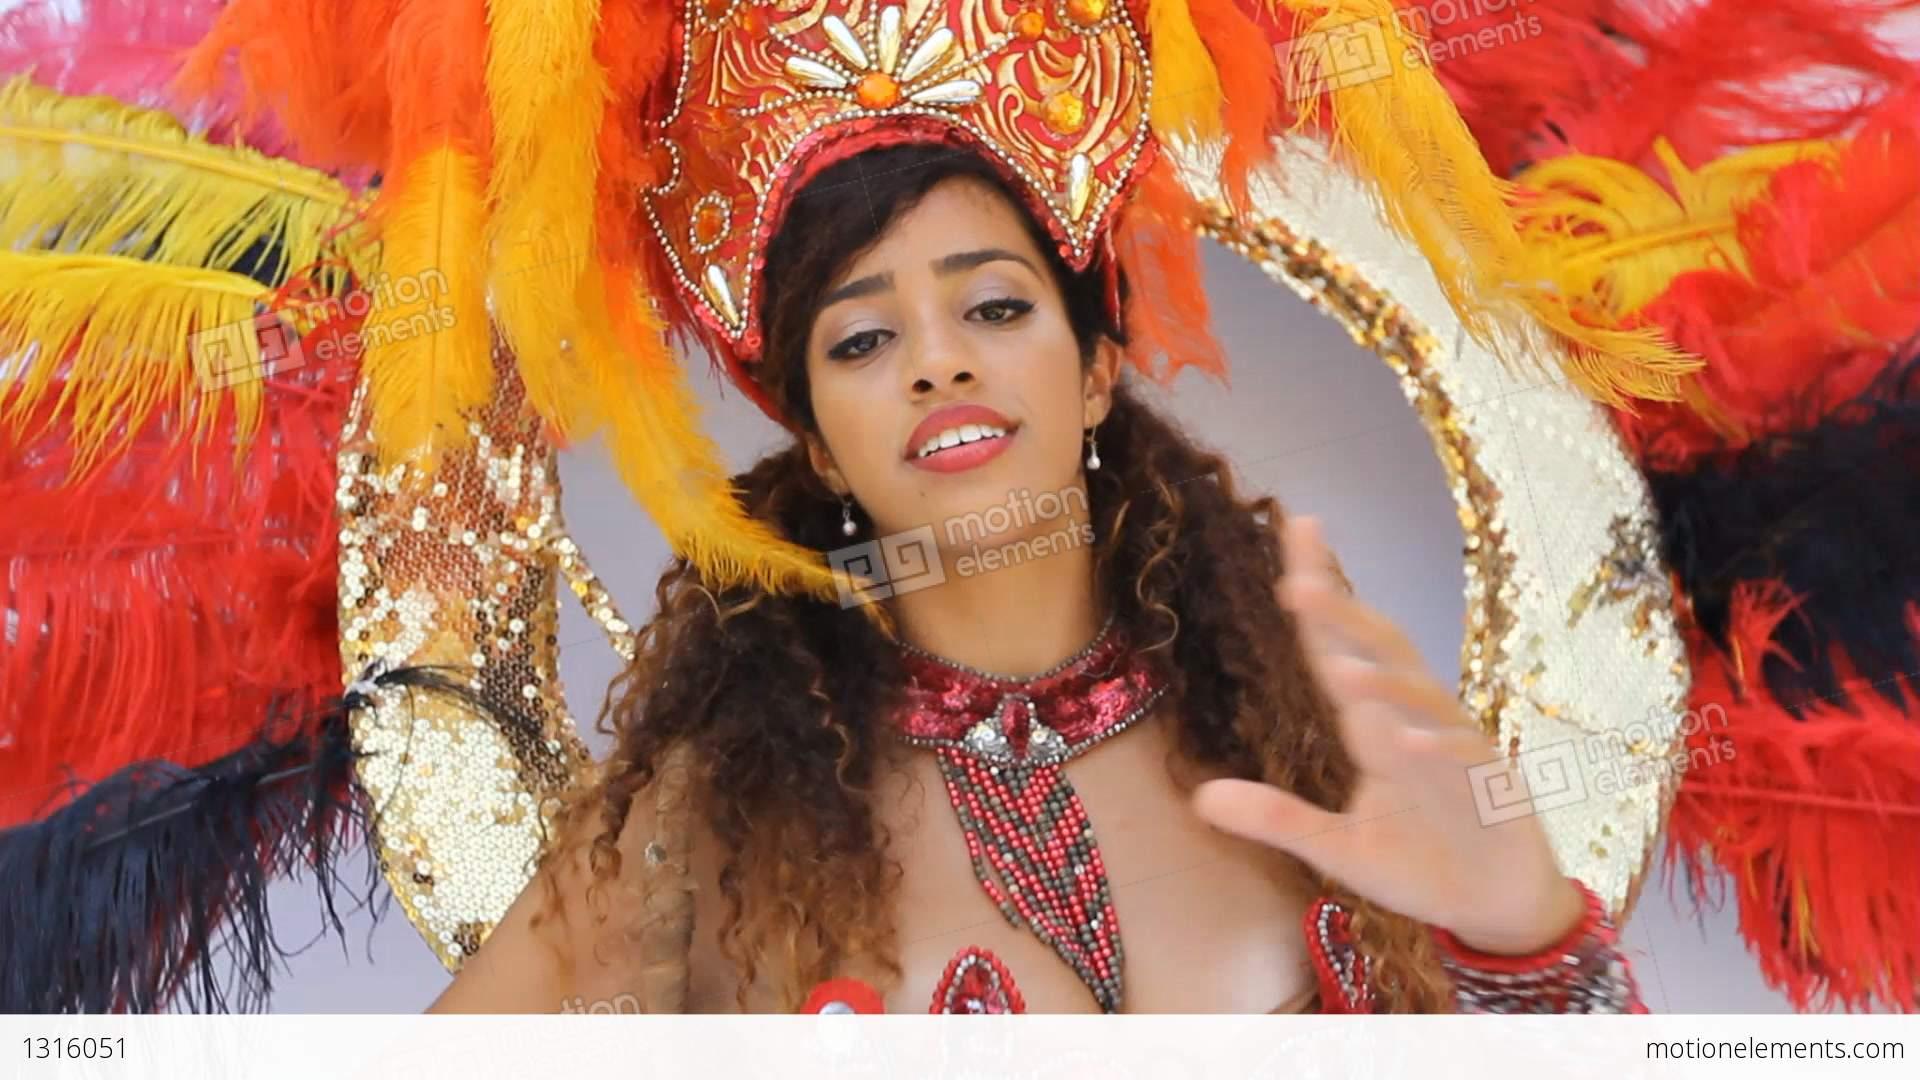 brazilian nude dancing girls dvd